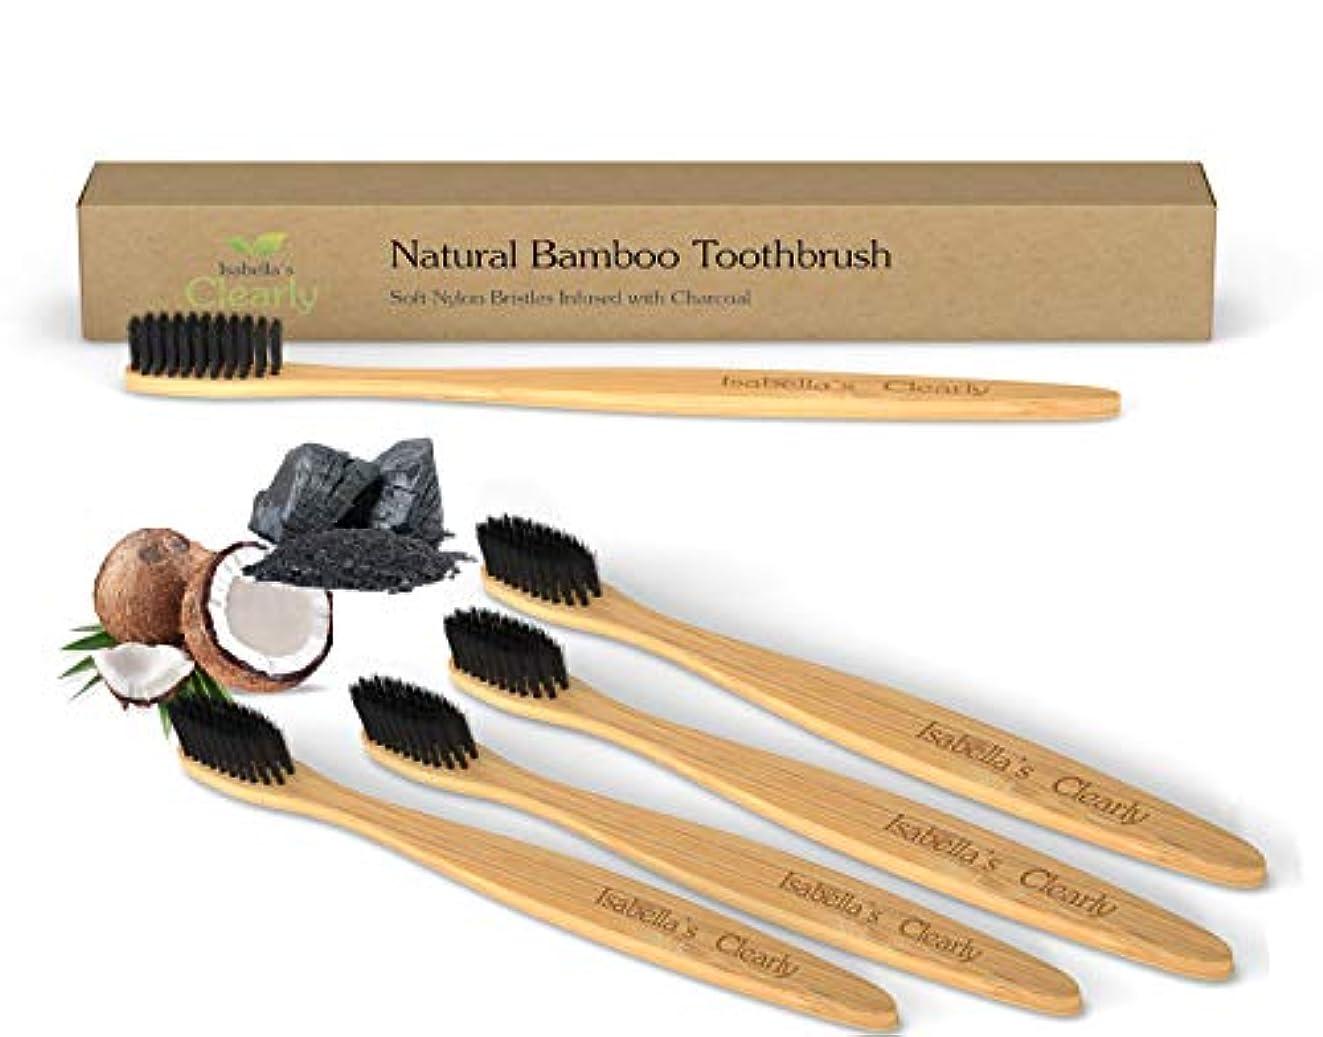 危険なプレゼント三Isabella's Clearly 竹の歯ブラシ、優しく柔らかな木炭注入されたナイロン製のBPAフリーの毛、天然有機材料 4